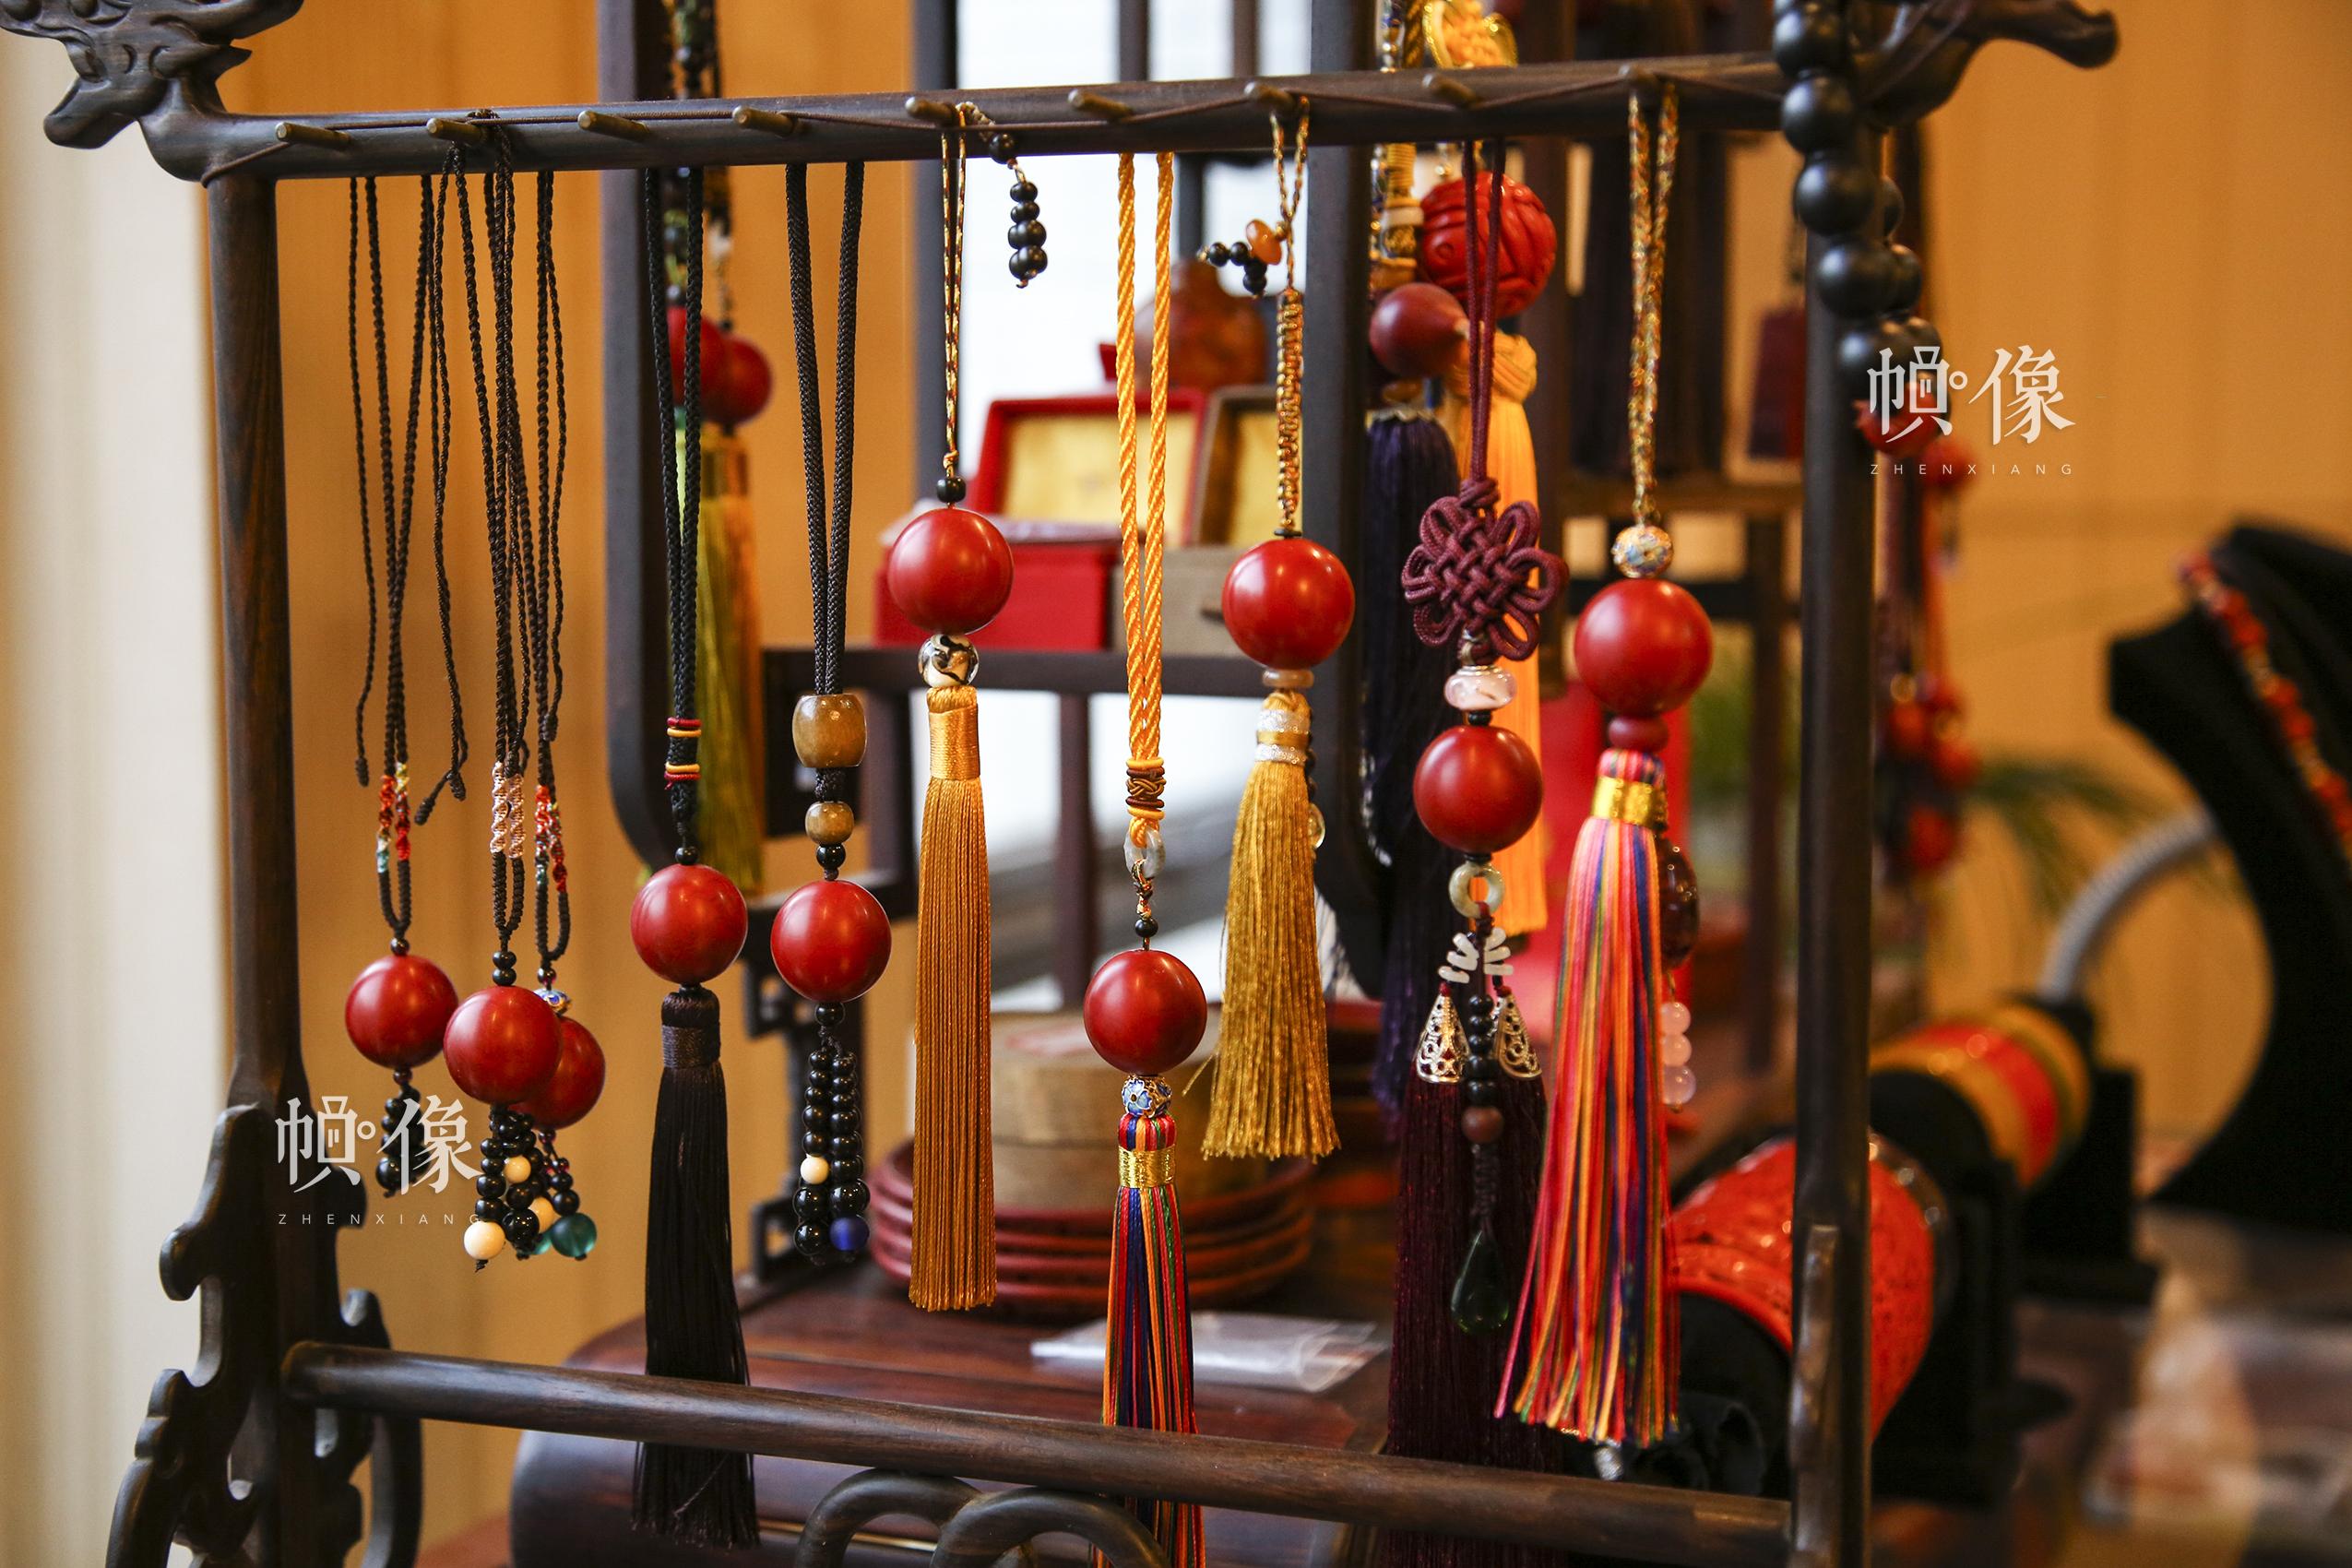 2017年9月20日,垡头工美聚艺园区,北京工艺美术雕漆大师杨之新制作的雕漆成品。中国网记者 黄富友 摄